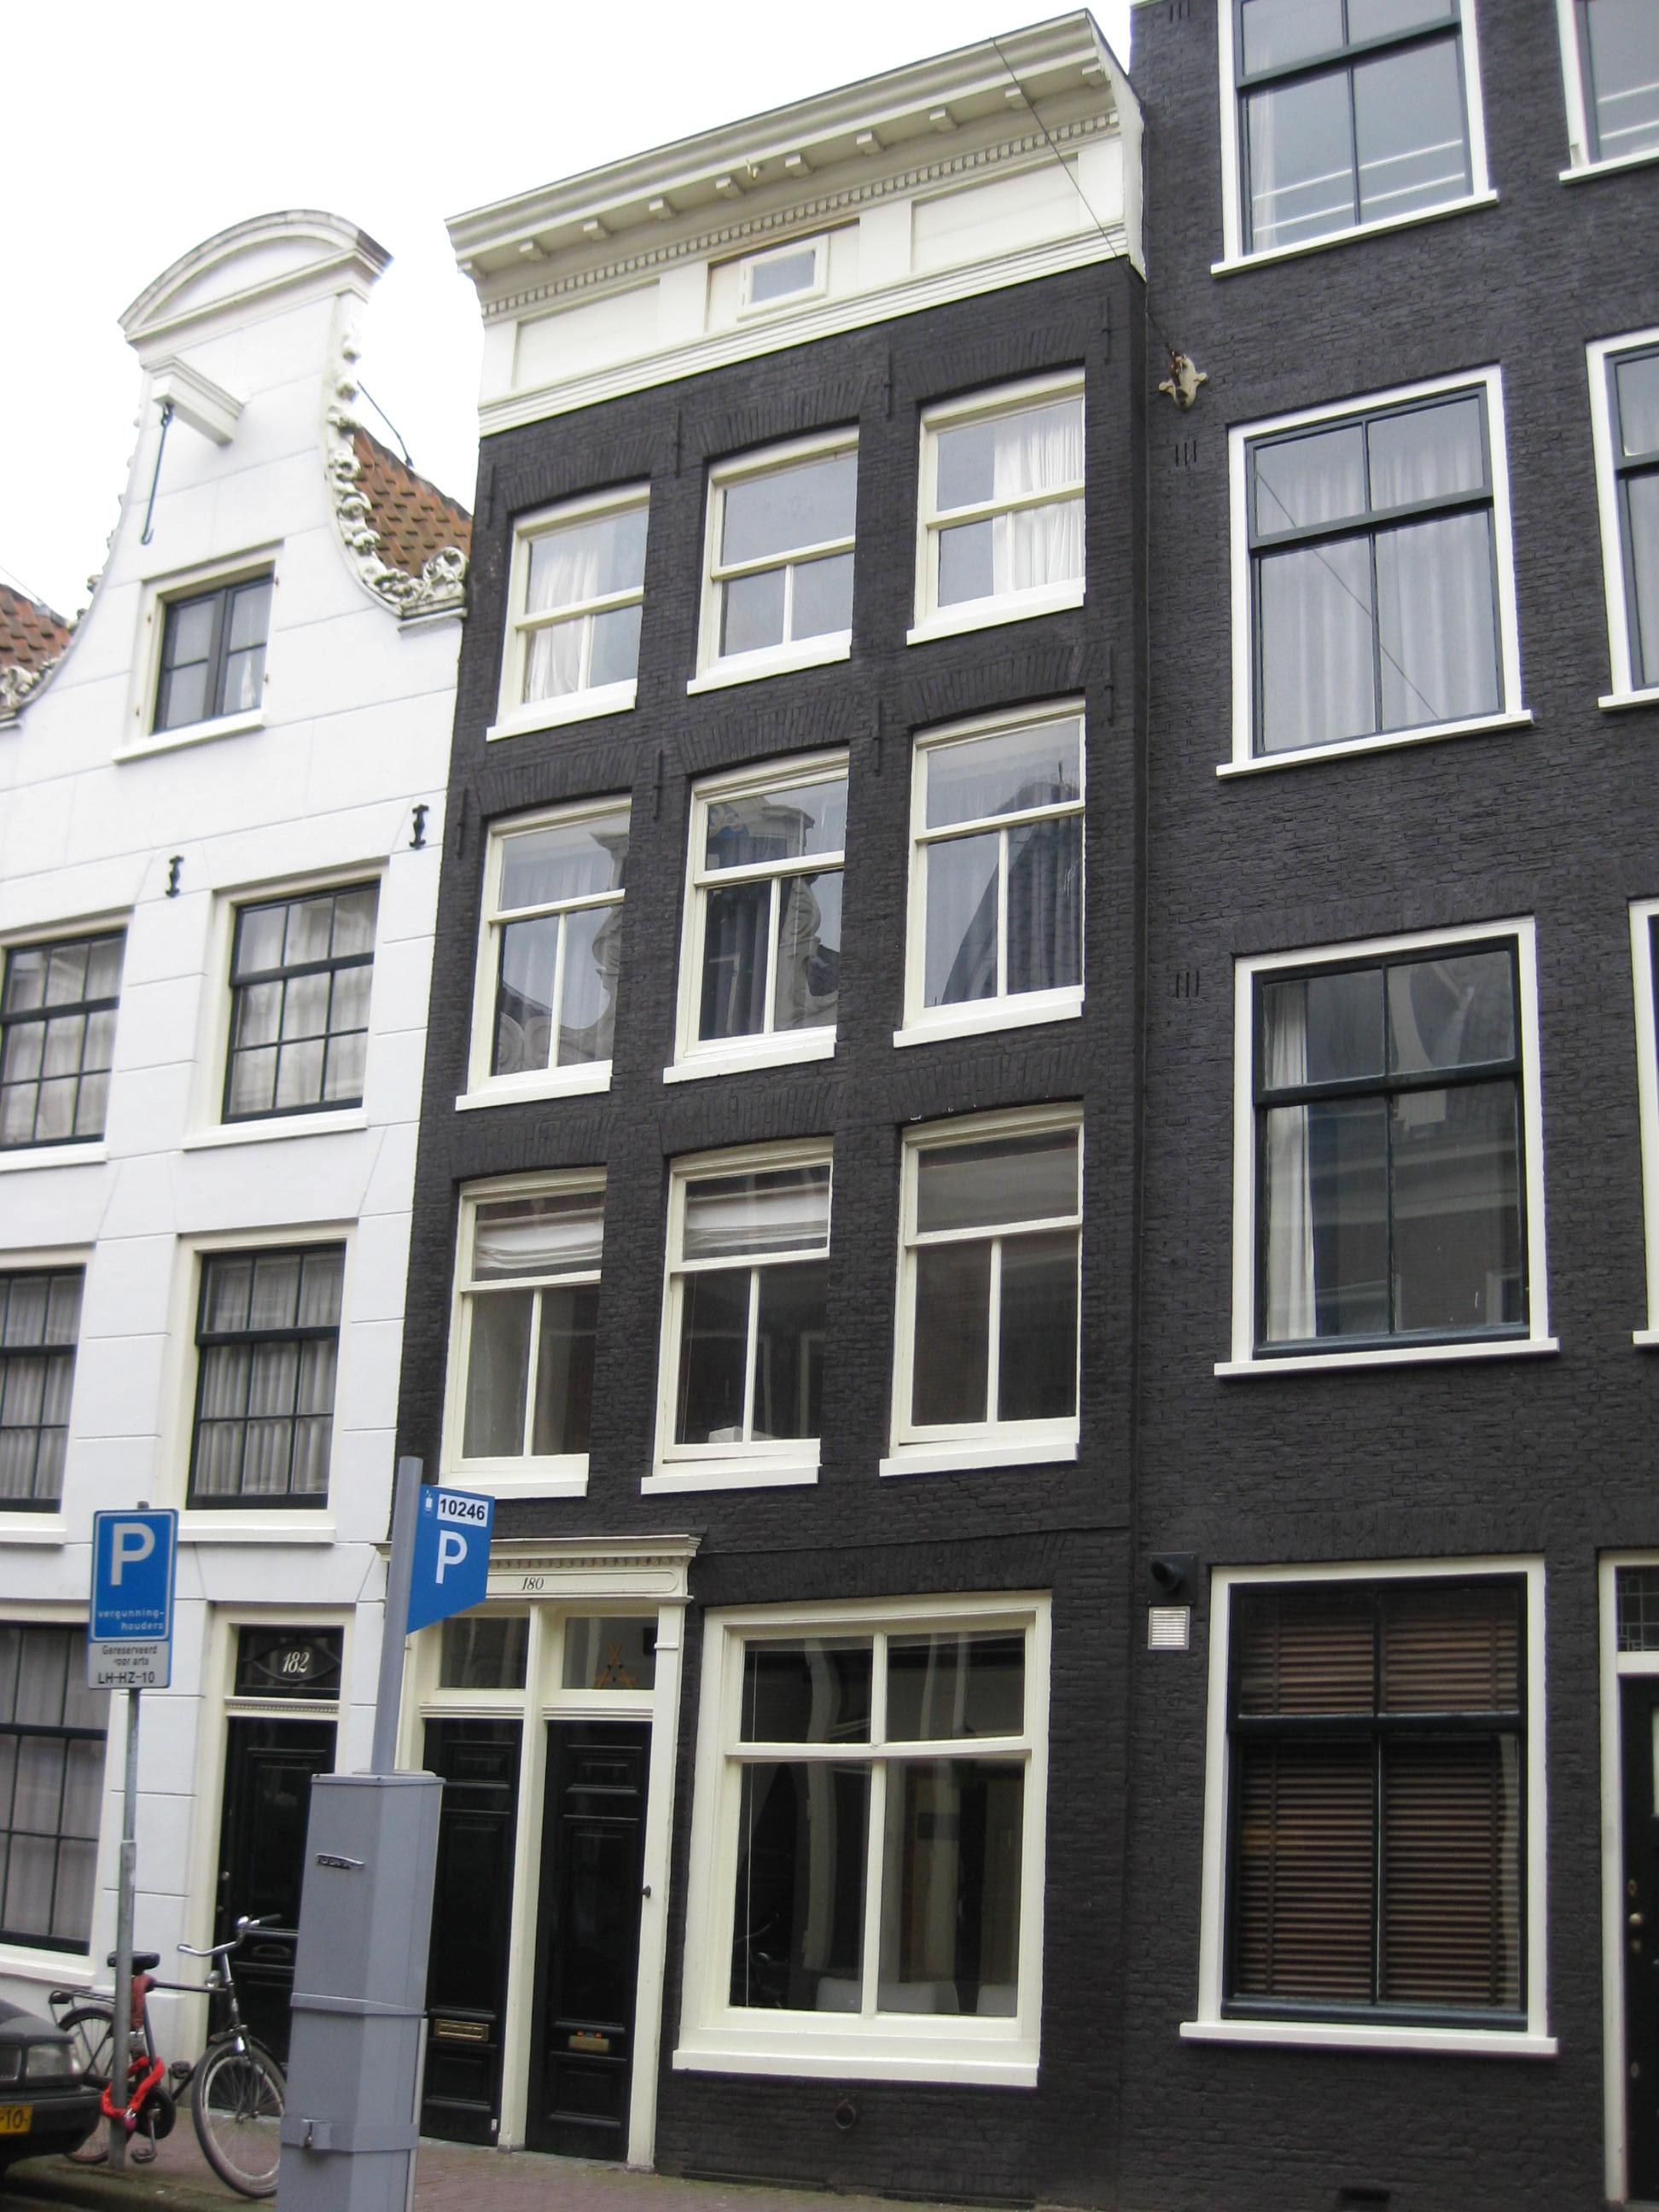 Huis met gevel onder rechte lijst in amsterdam monument - Huis gevel ...